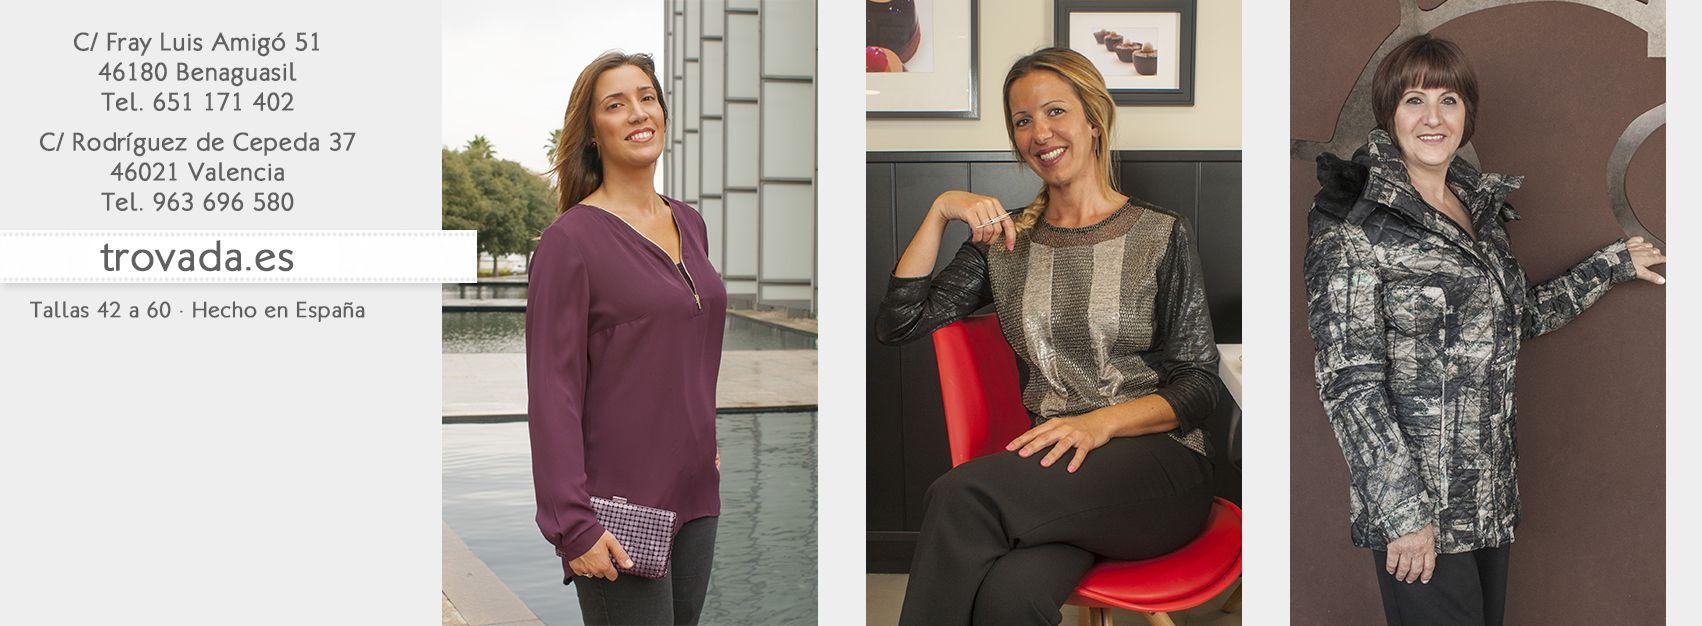 La Empresa De Moda Femenina Trovada Desfila A La Altura De Grandes Firmas Notas De Prensa